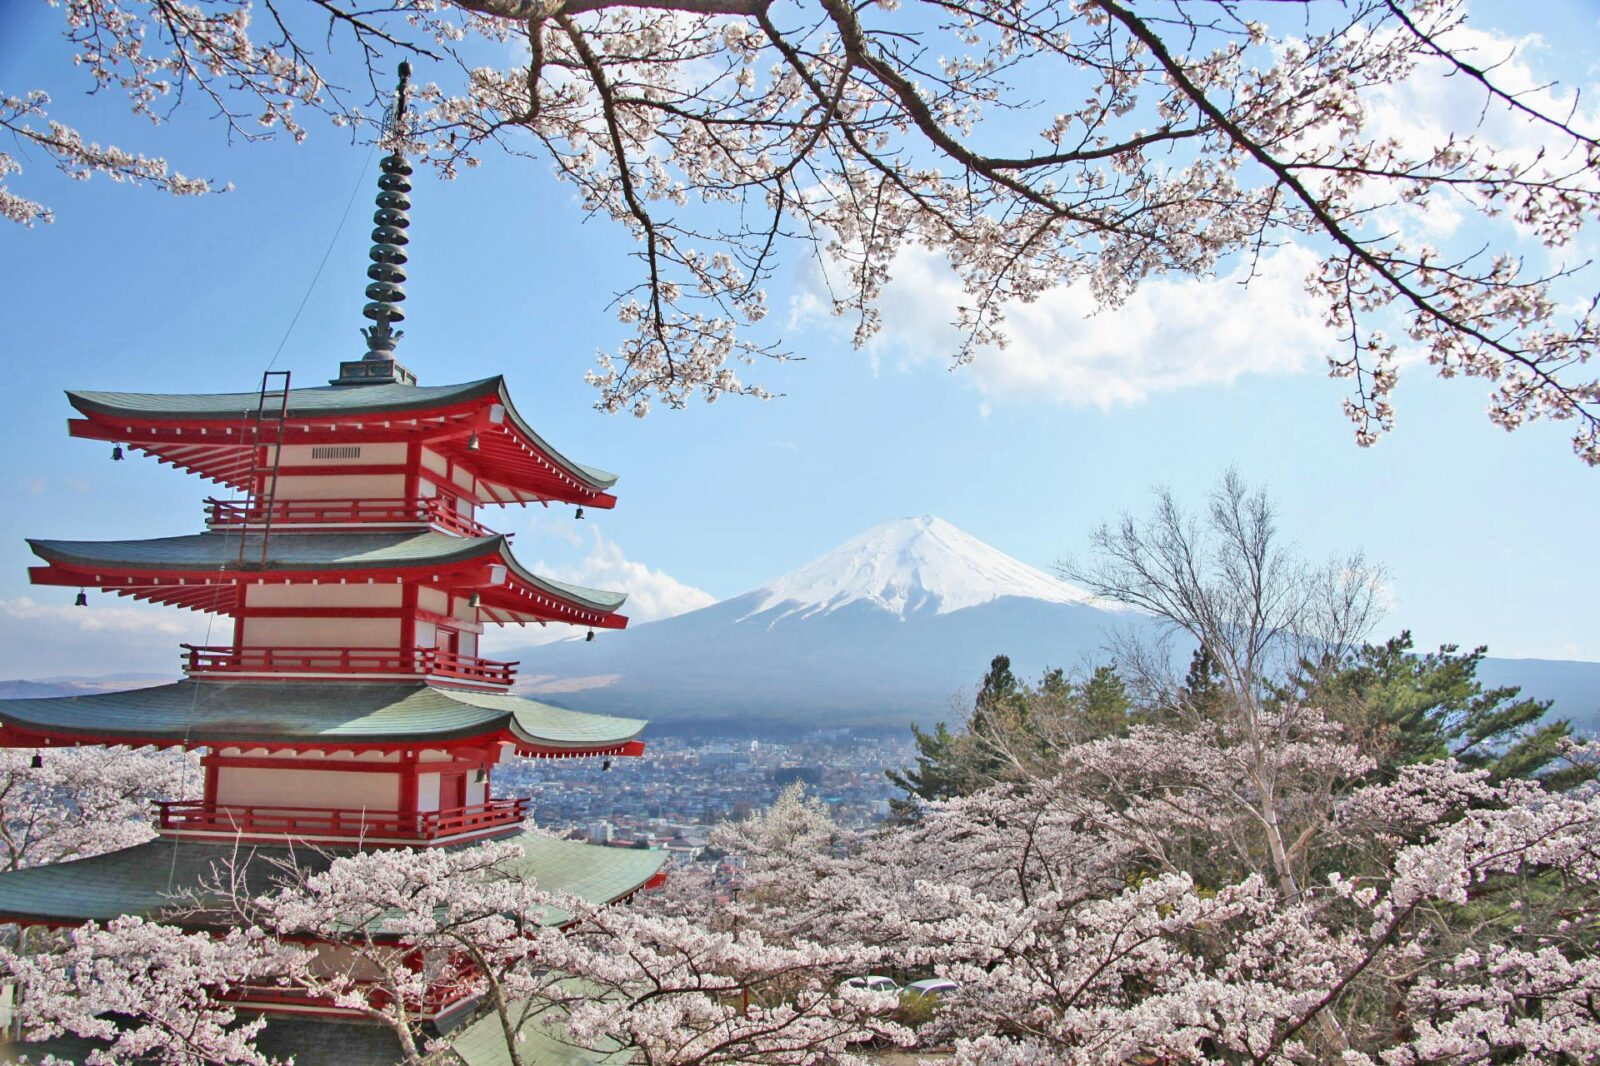 桜と五重塔と富士山 春の富士山